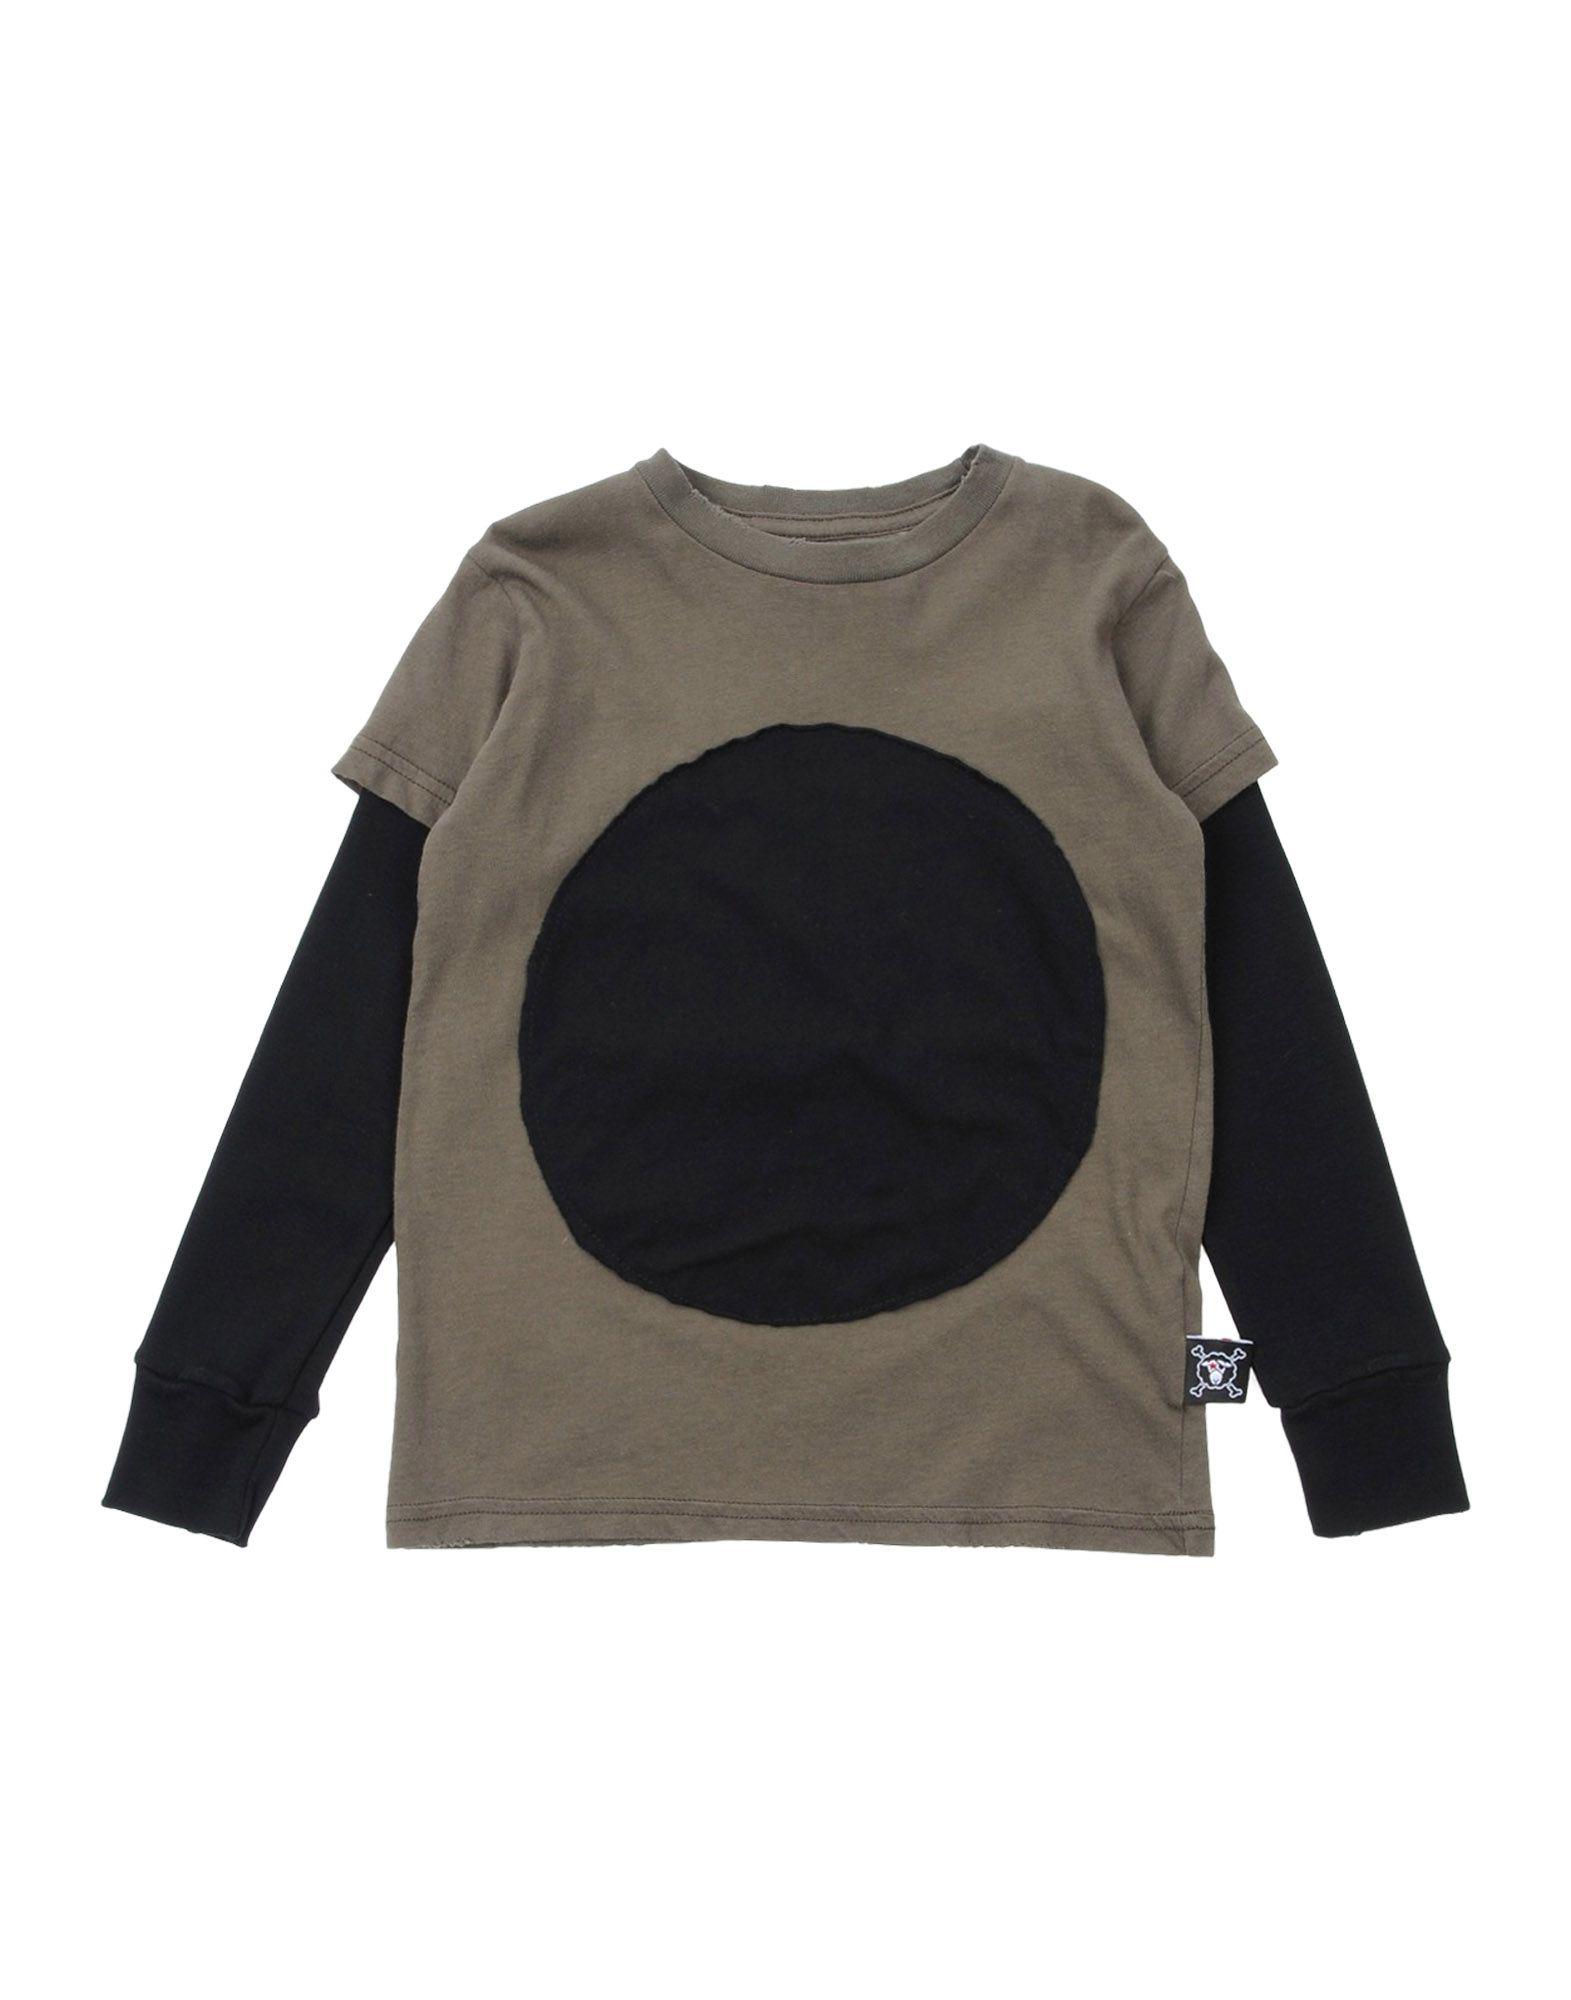 NUNUNU Mädchen 3-8 jahre T-shirts Farbe Militärgrün Größe 2